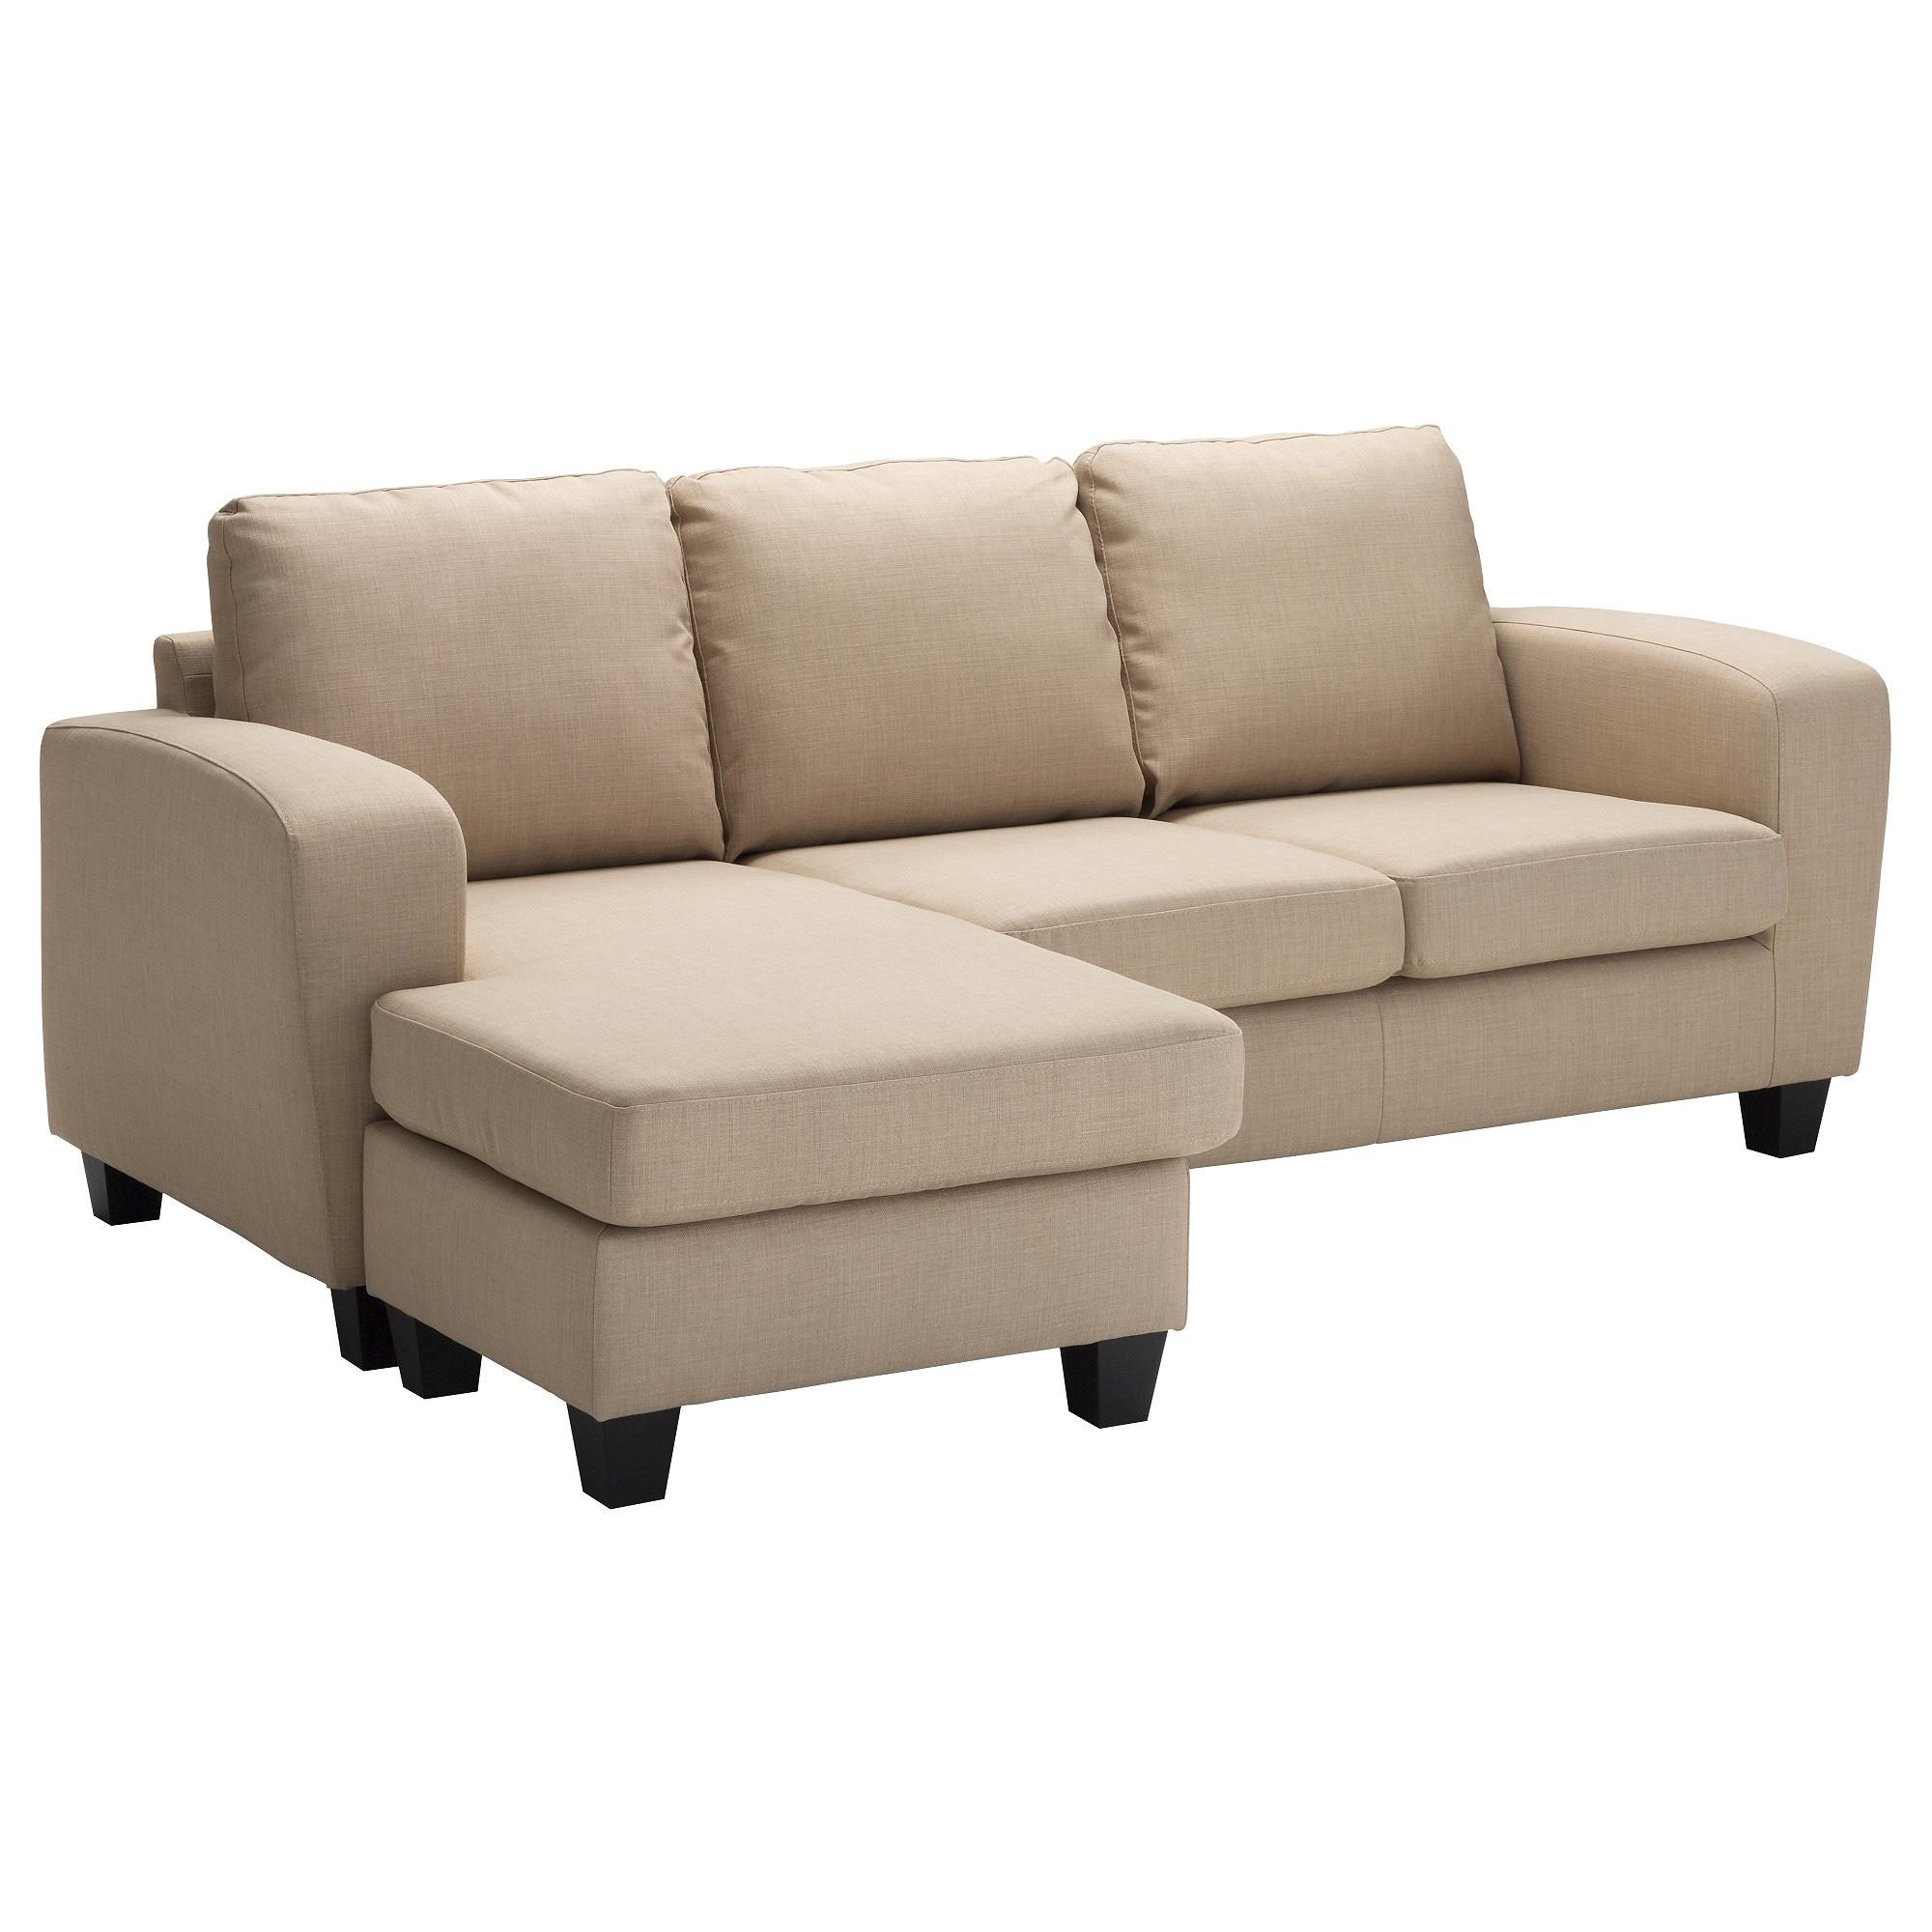 Sofá Chaise Longue Ffdn Balderum sofà 2 Plazas Con Chaiselongue Skiftebo Beige Ikea